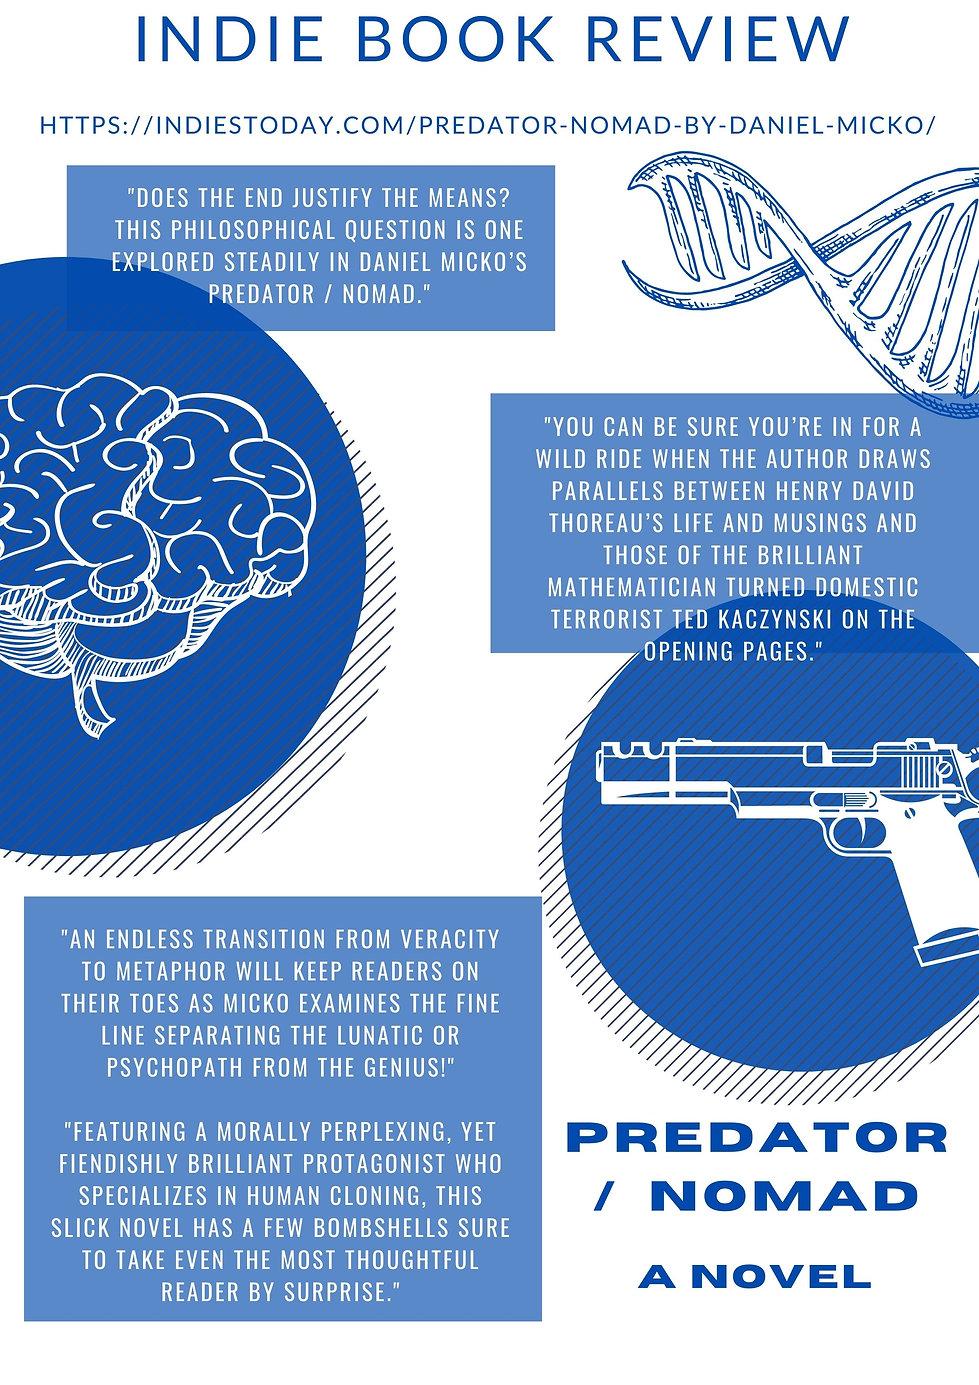 Predator / Nomad week 6